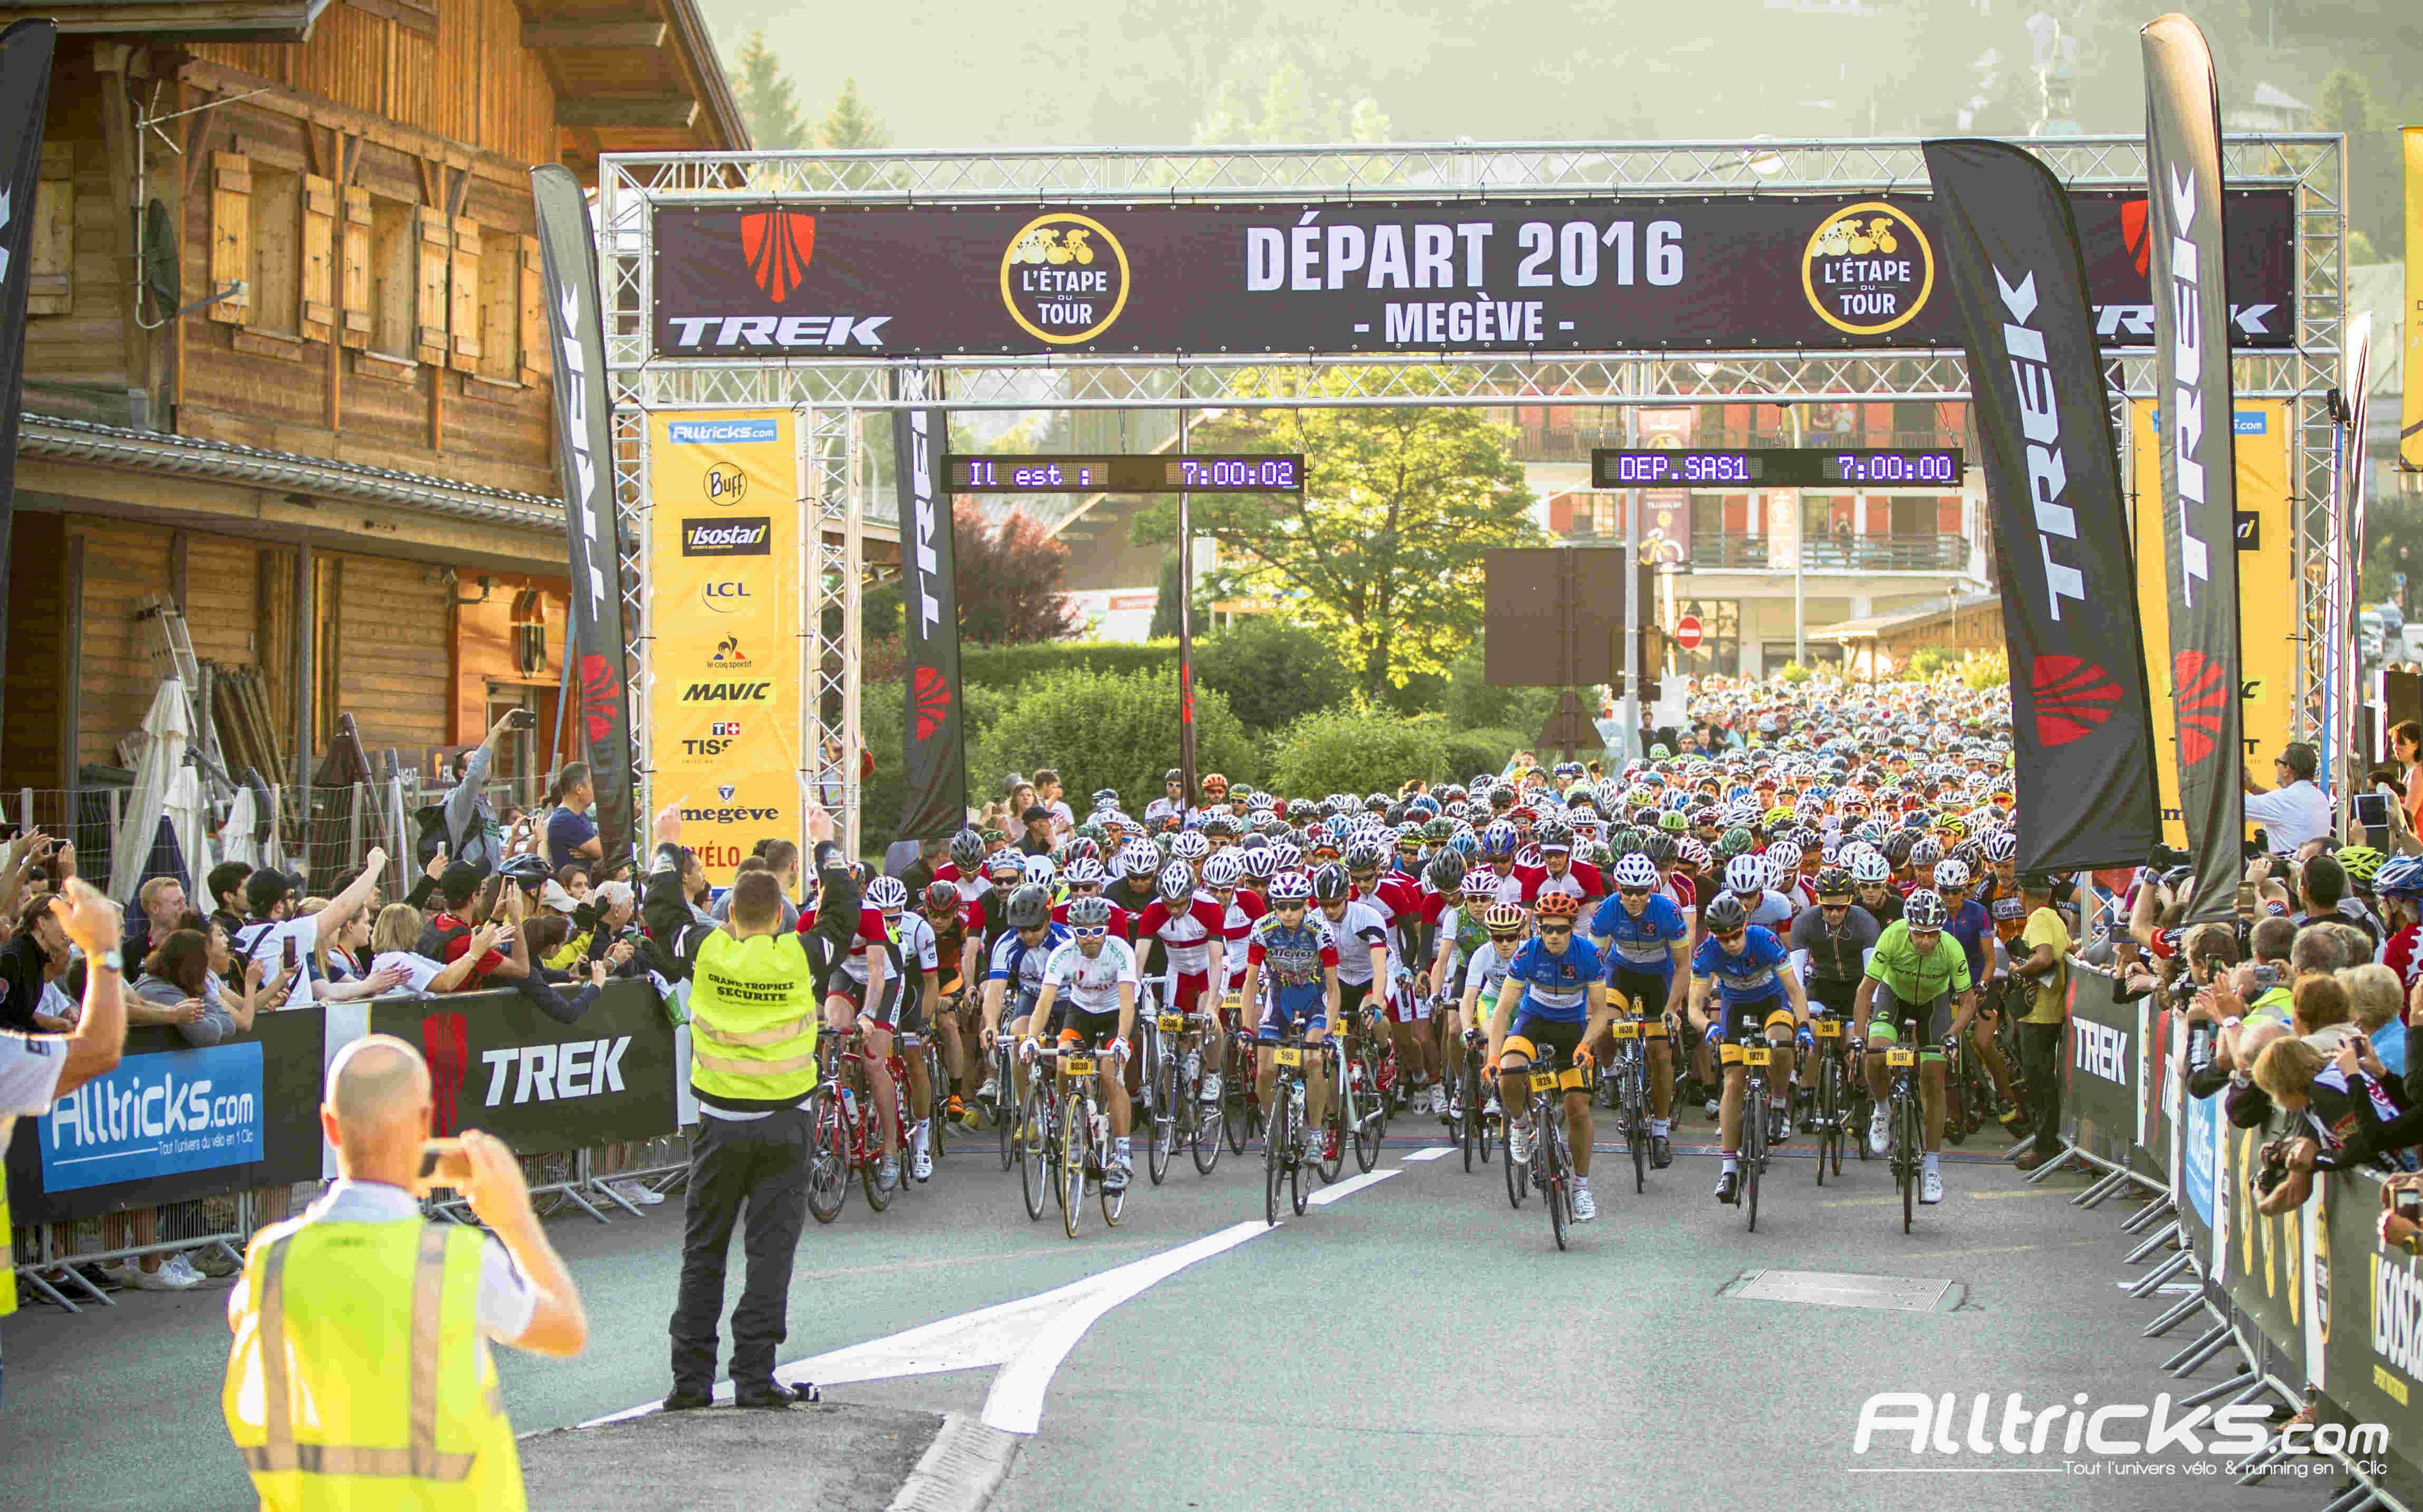 Cyclosportive Calendrier.Calendrier Des Cyclosportives 2019 En France Blog Alltricks